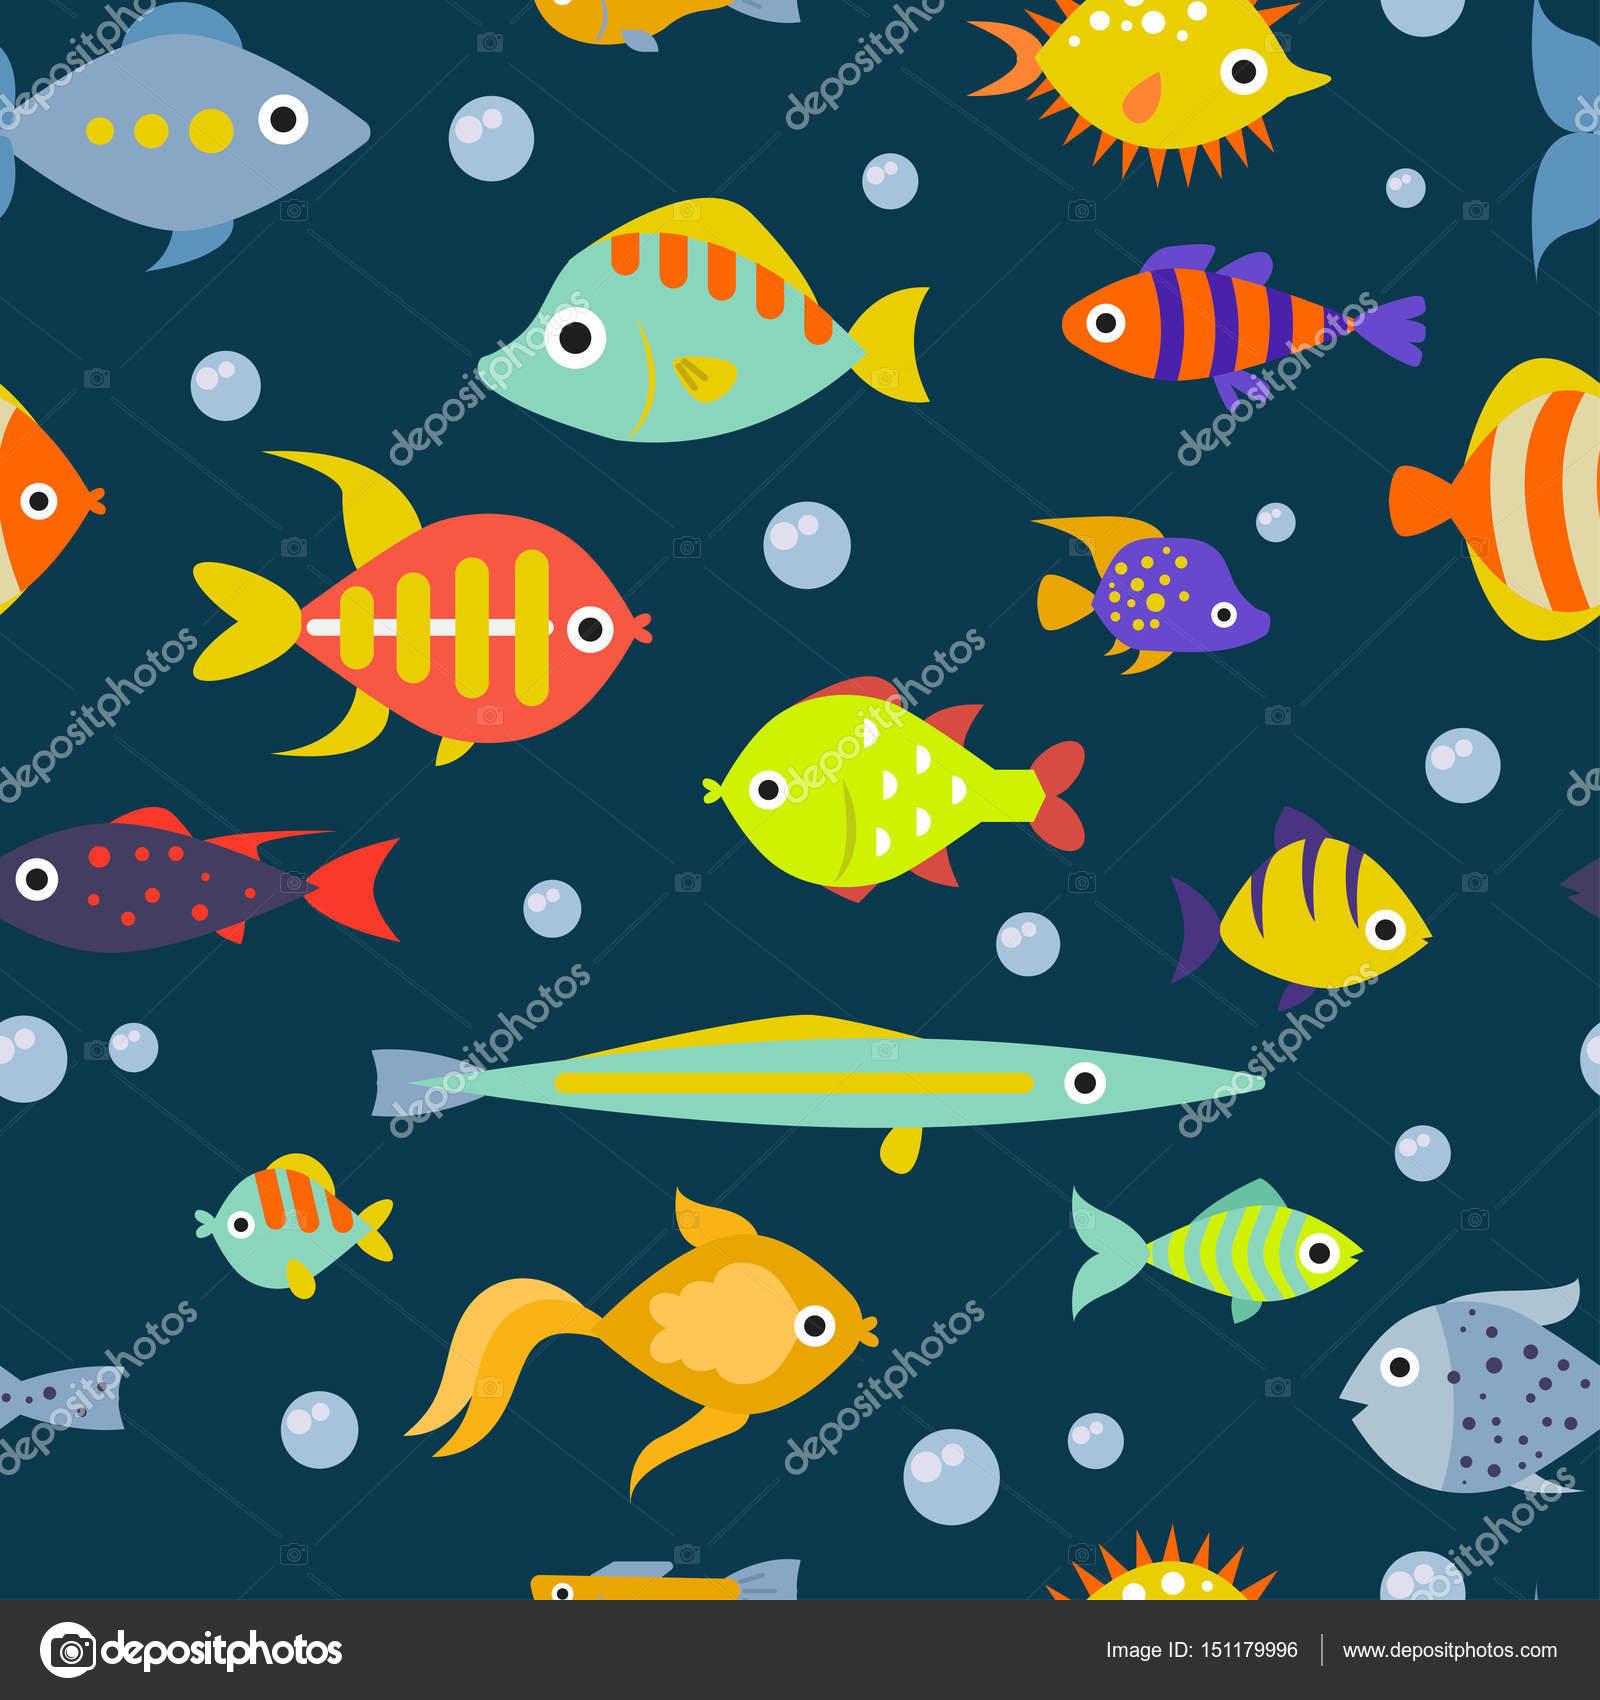 かわいい魚イラストのシームレスなパターン背景をベクトルします